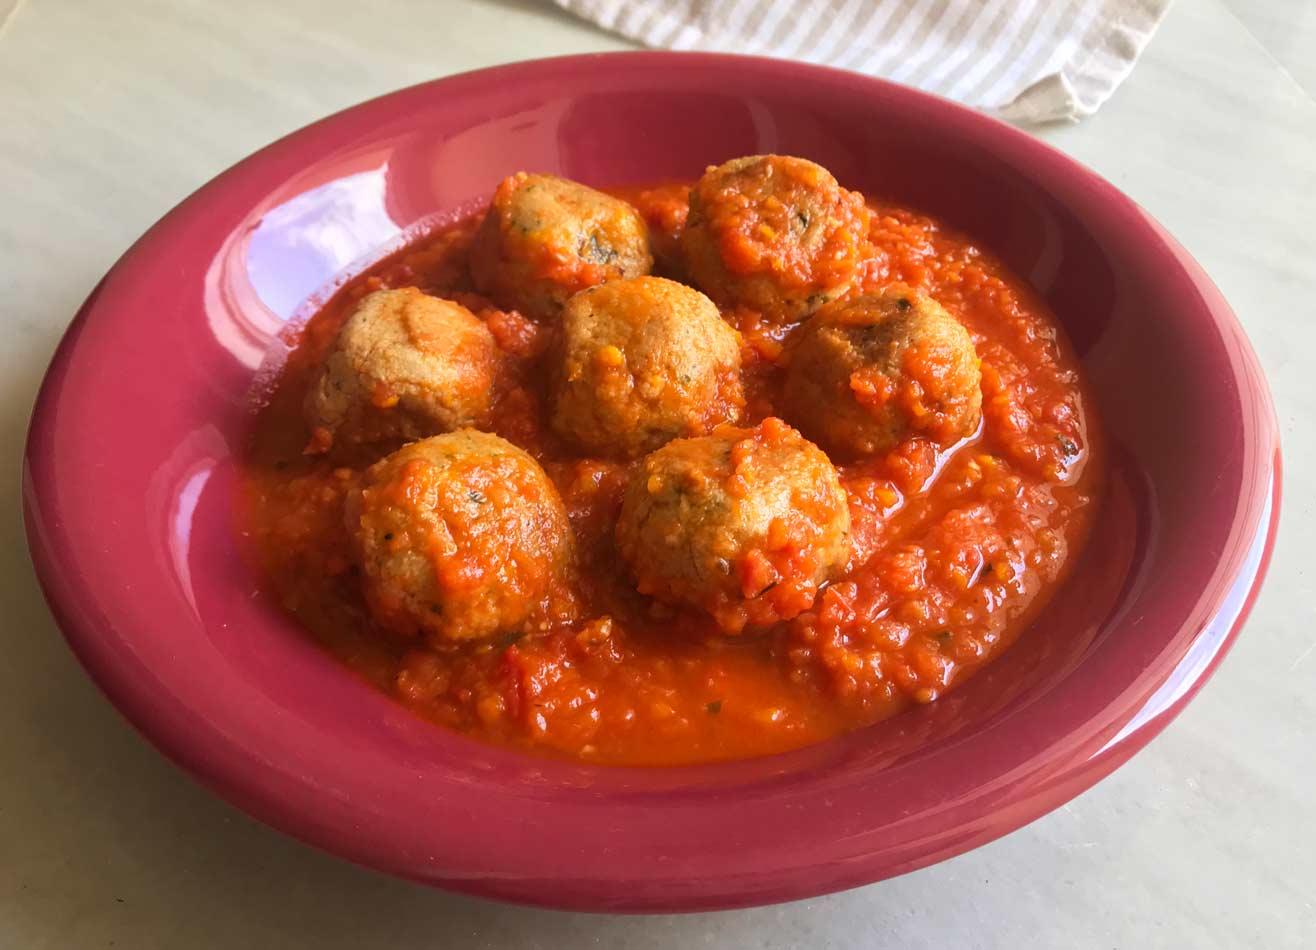 Come Vive Viaja Blog recetas Irene albóndigas de soja texturizada rápida cómo cocinar receta